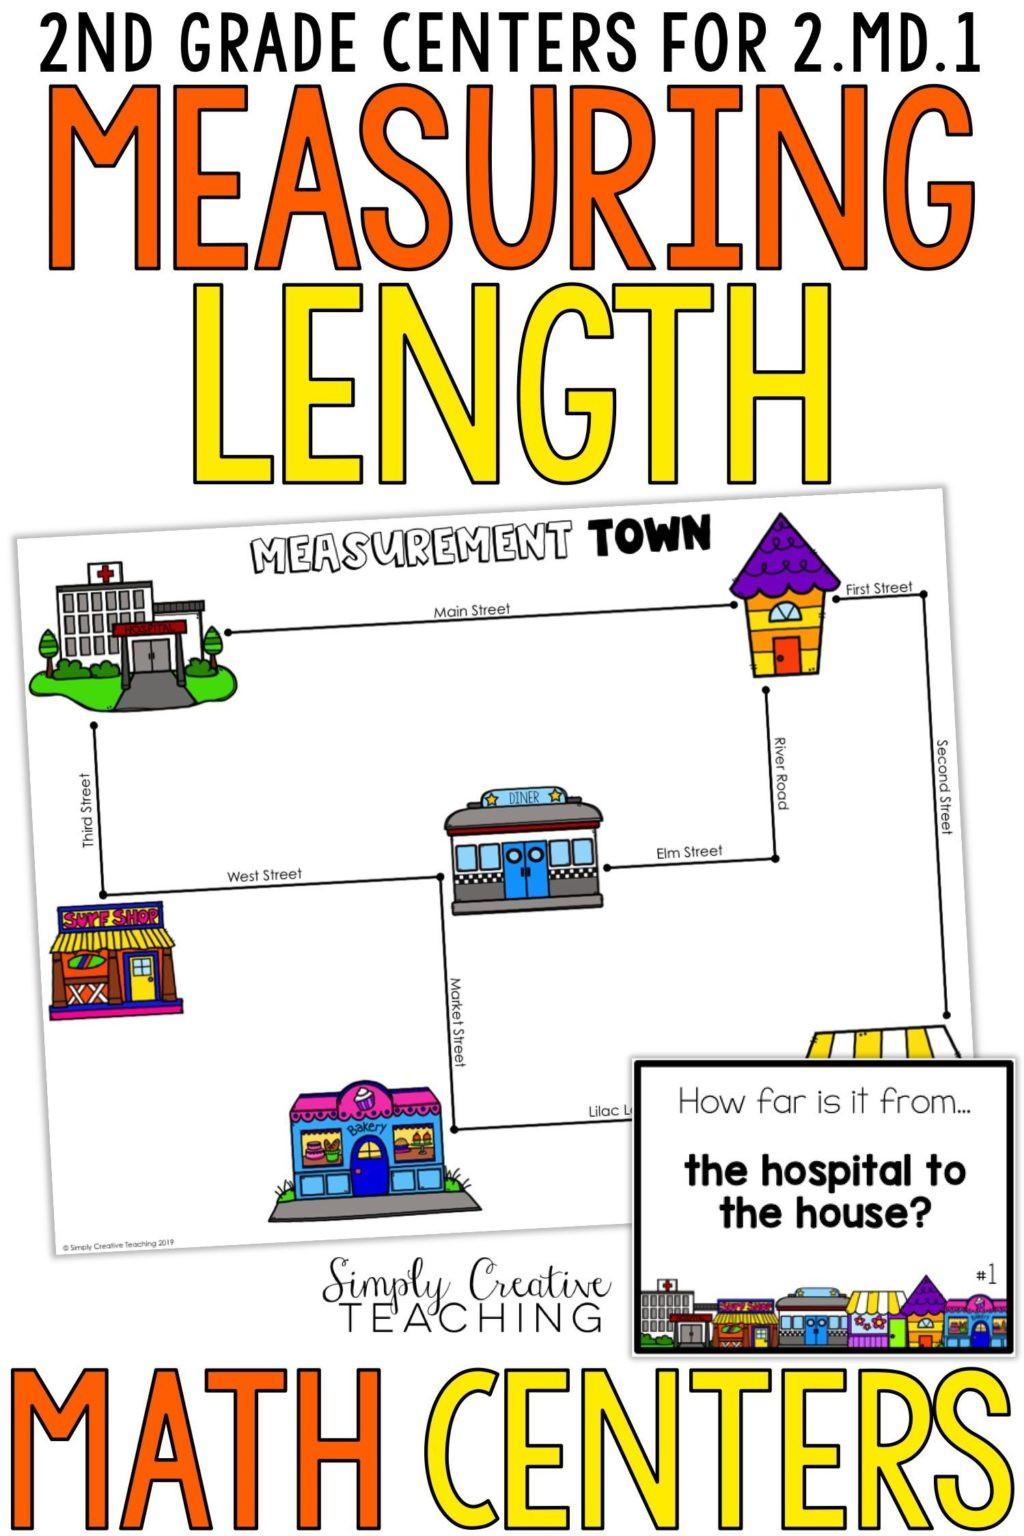 Reading A Ruler Worksheet Pdf Worksheet 2nd Grade Measurement Centers for Md Second Math